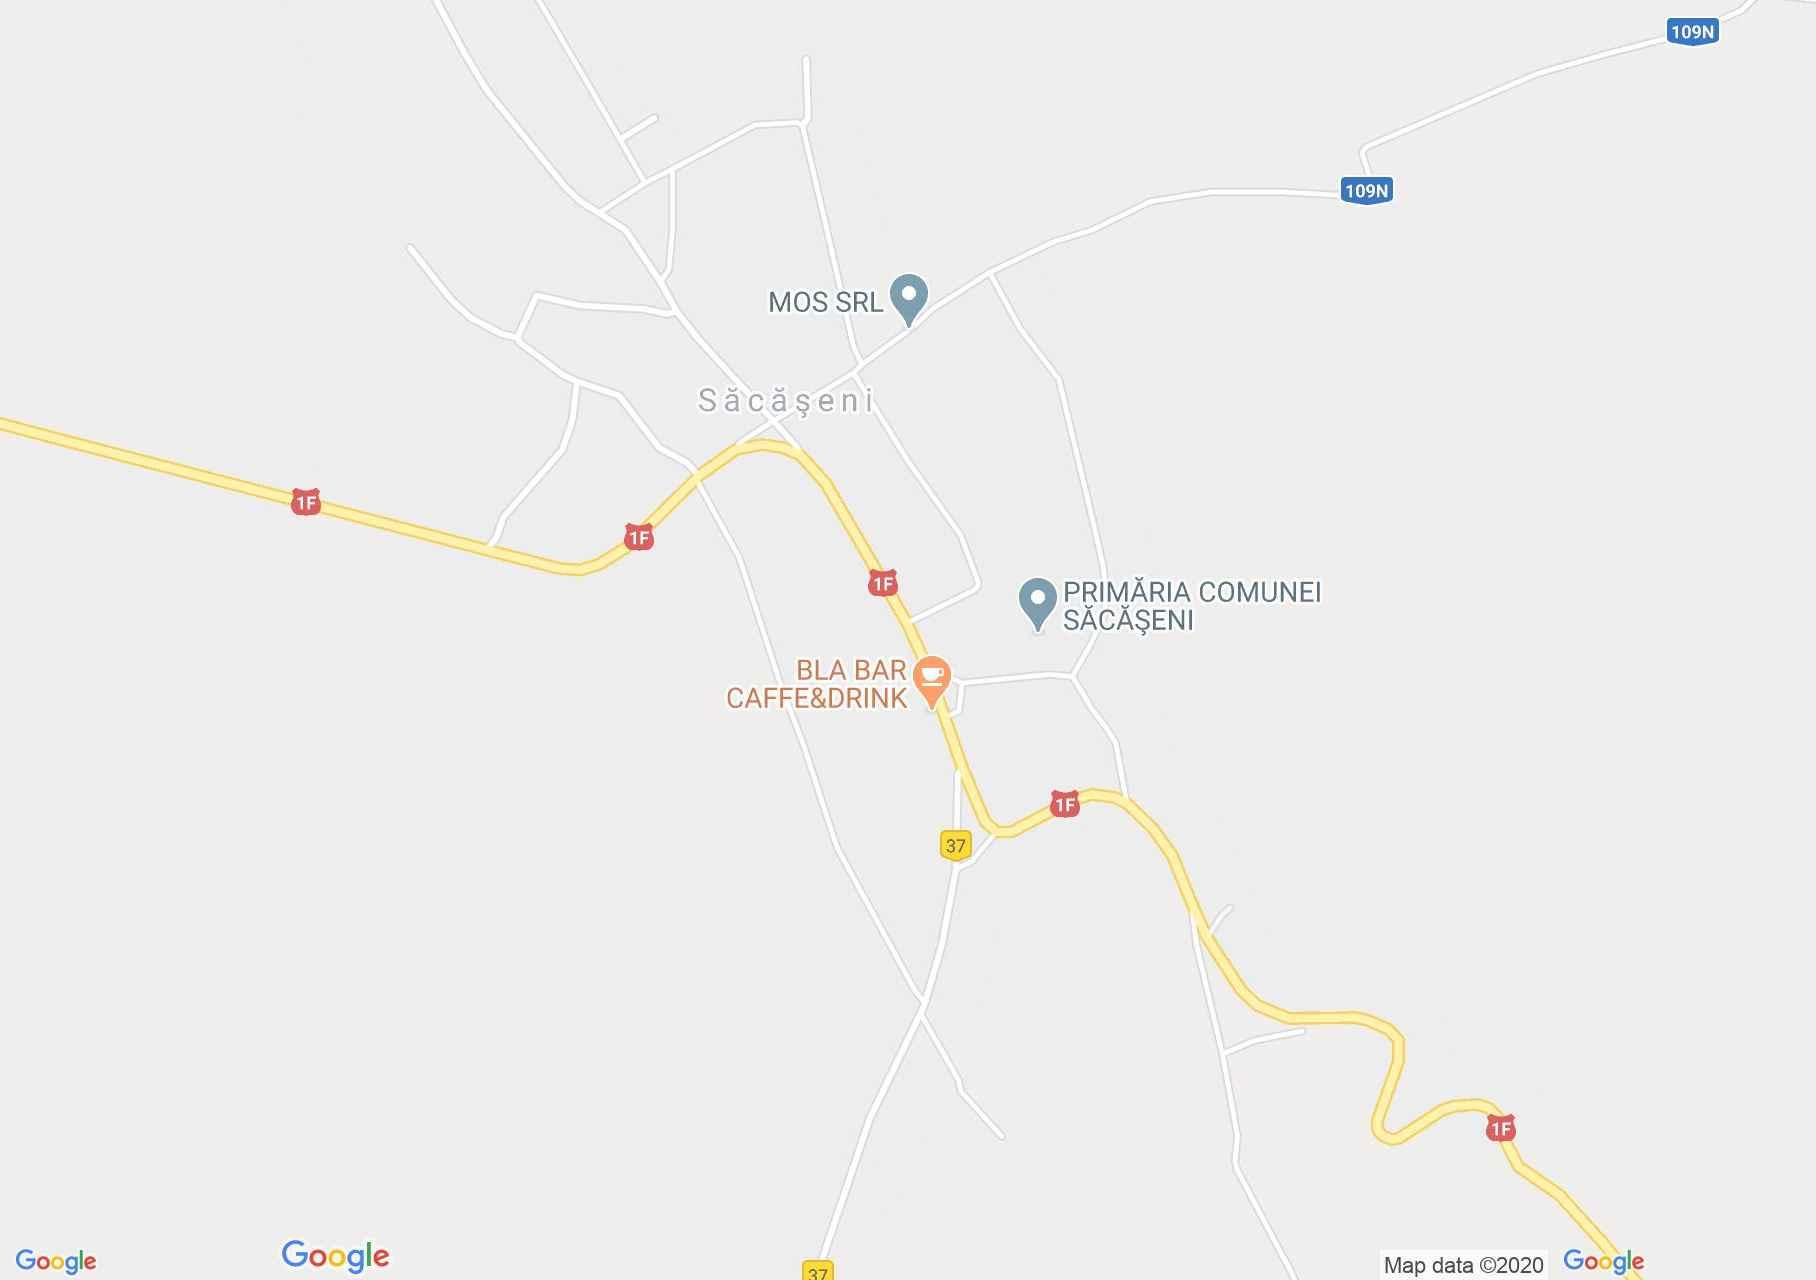 Érszakácsi interaktív turista térképe.